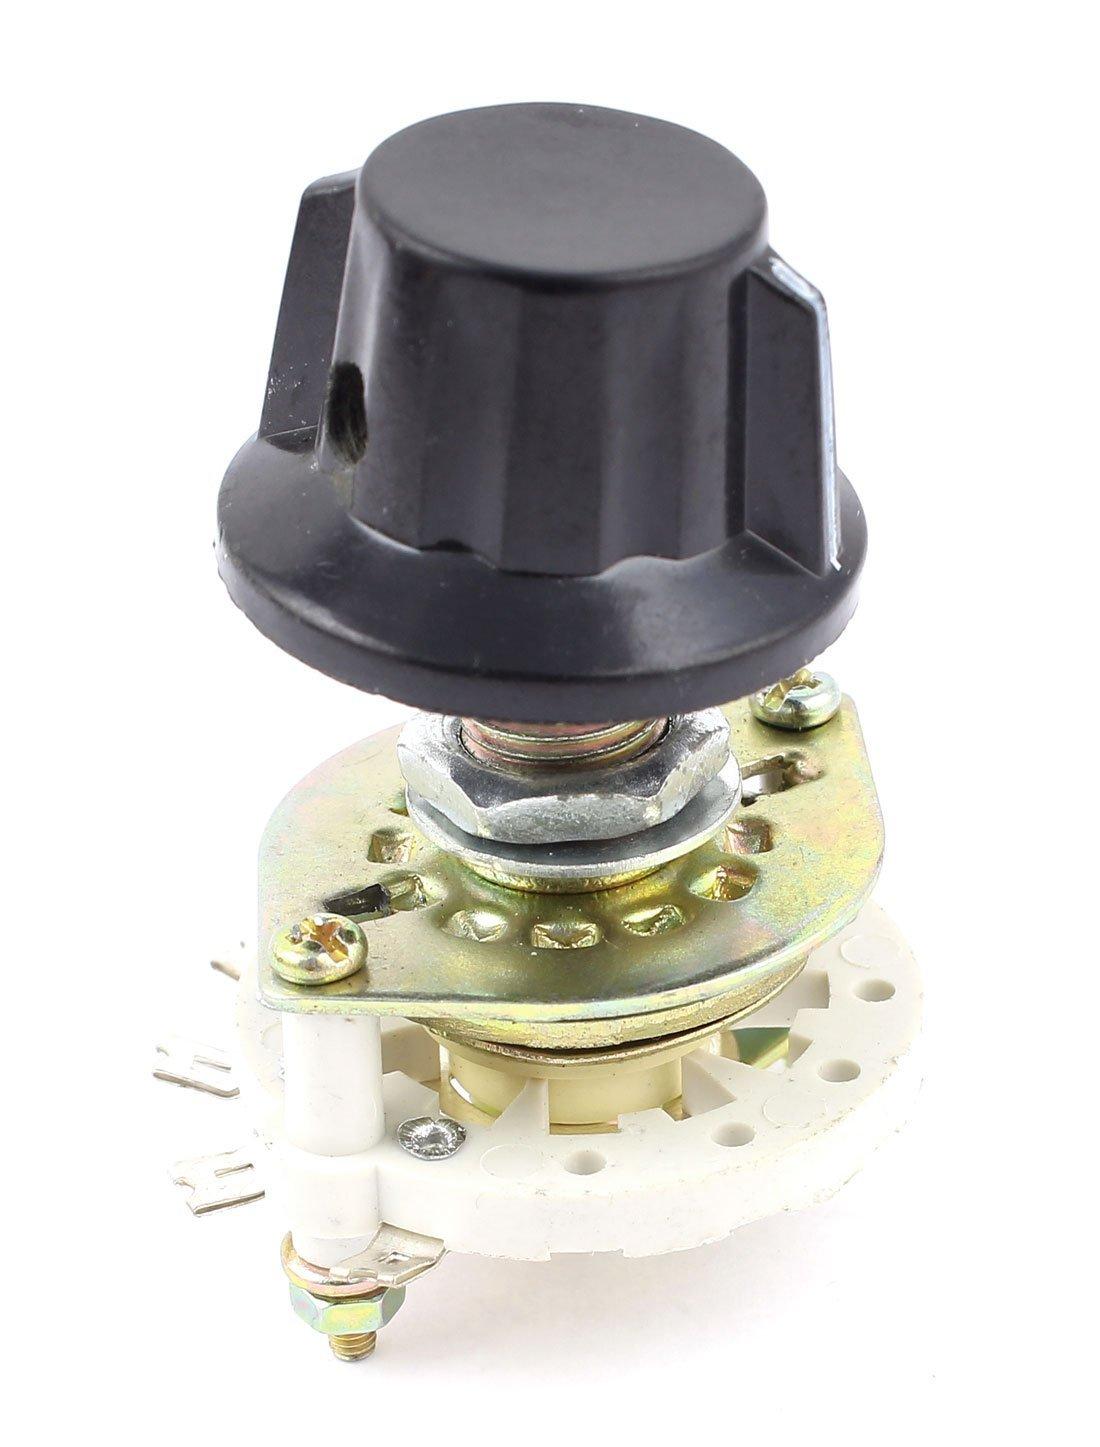 Amazon.com: Interruptor de canal de banda guitarra Seleccionar Rotary 1 Pole Posición 6 1P6T w Perilla: Musical Instruments